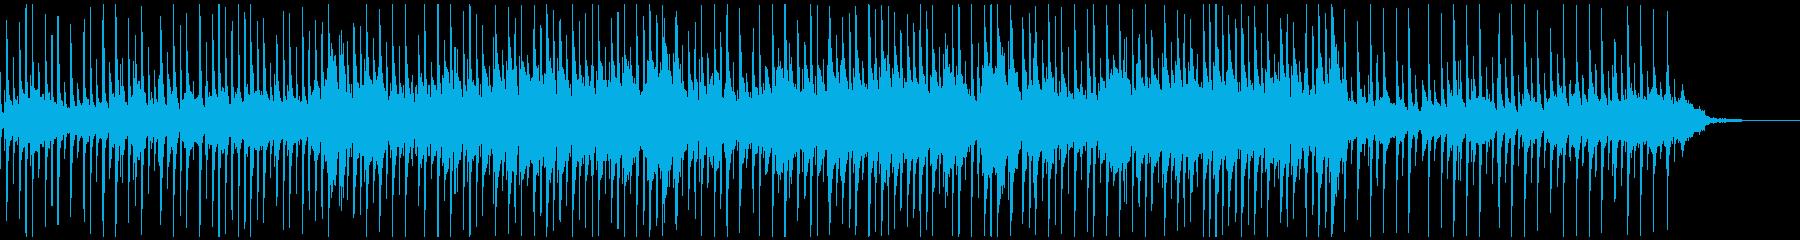 沖縄民謡をPOPアレンジしたほのぼのBGの再生済みの波形